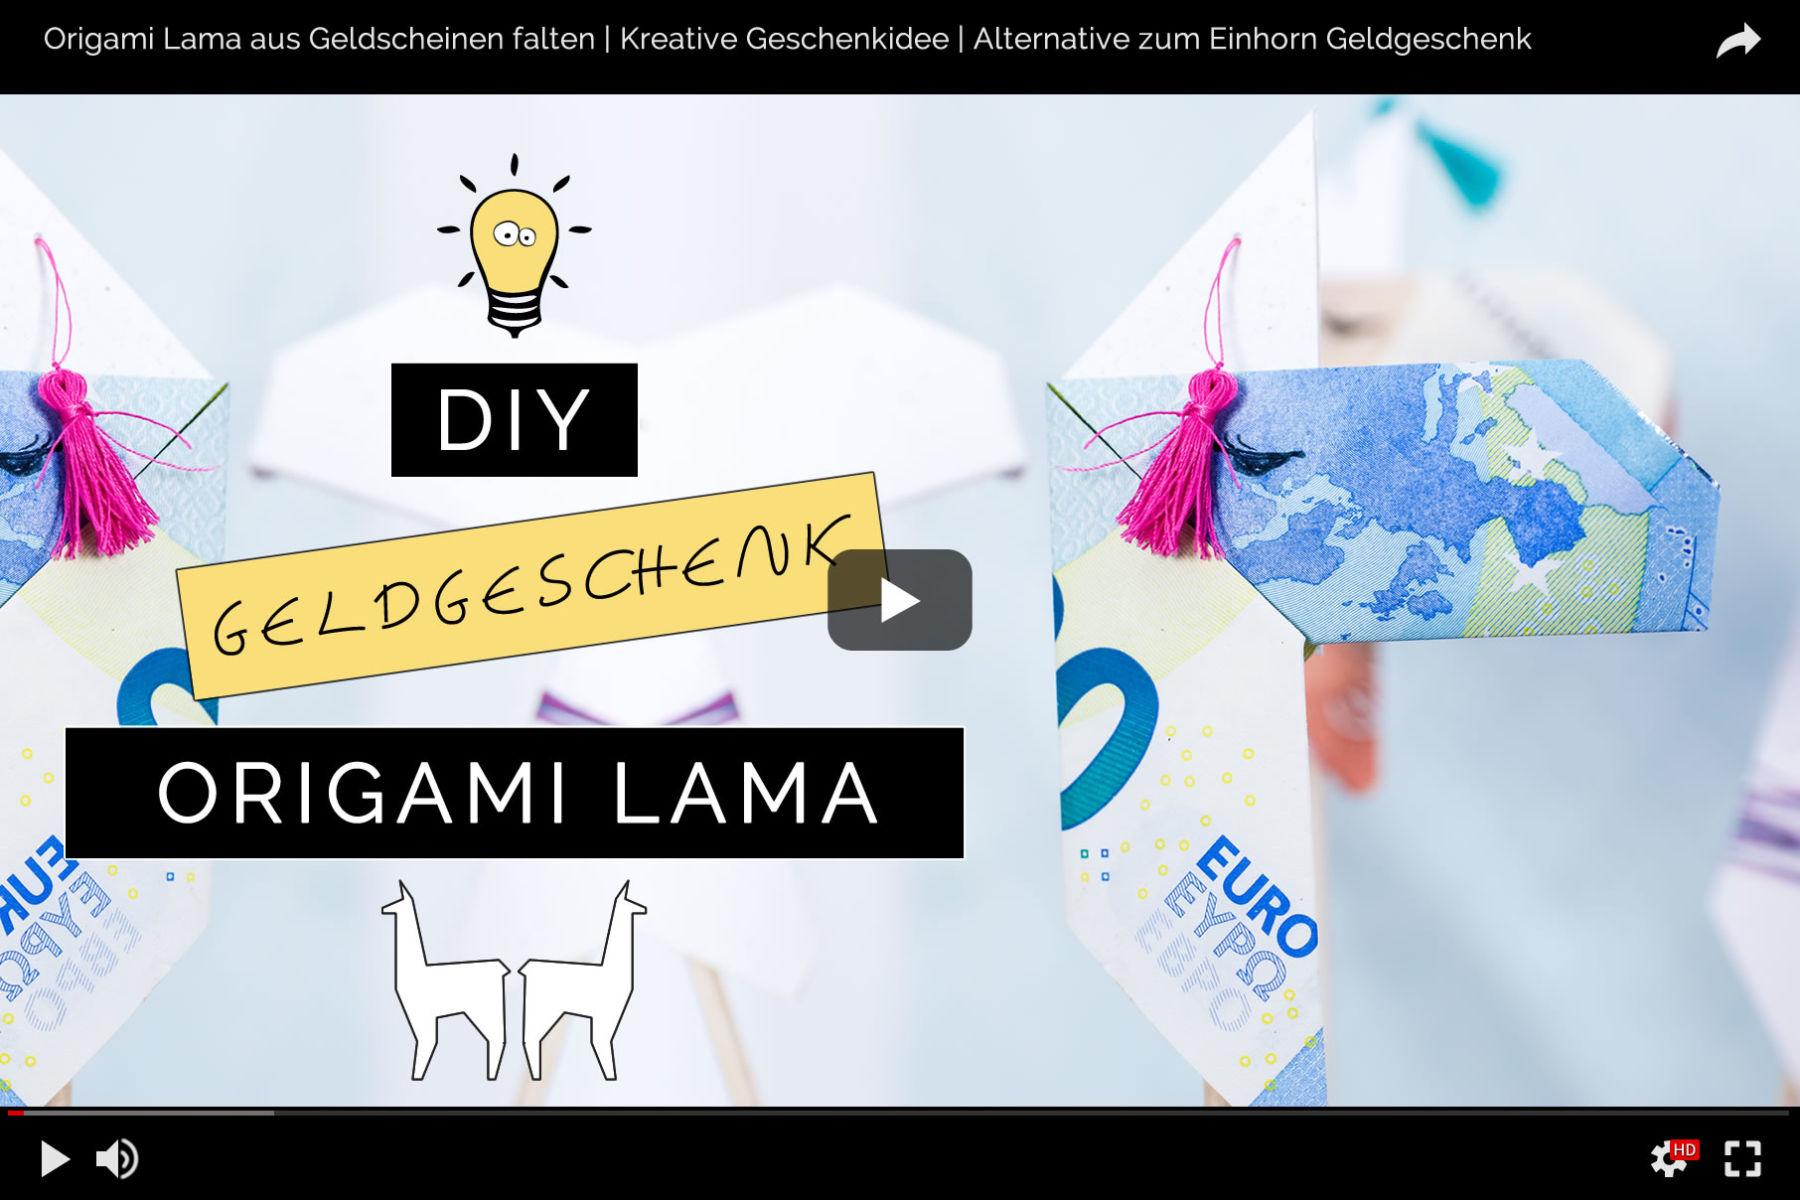 Originelle Idee Fur Geldgeschenke Origami Lamas Aus Geldscheinen